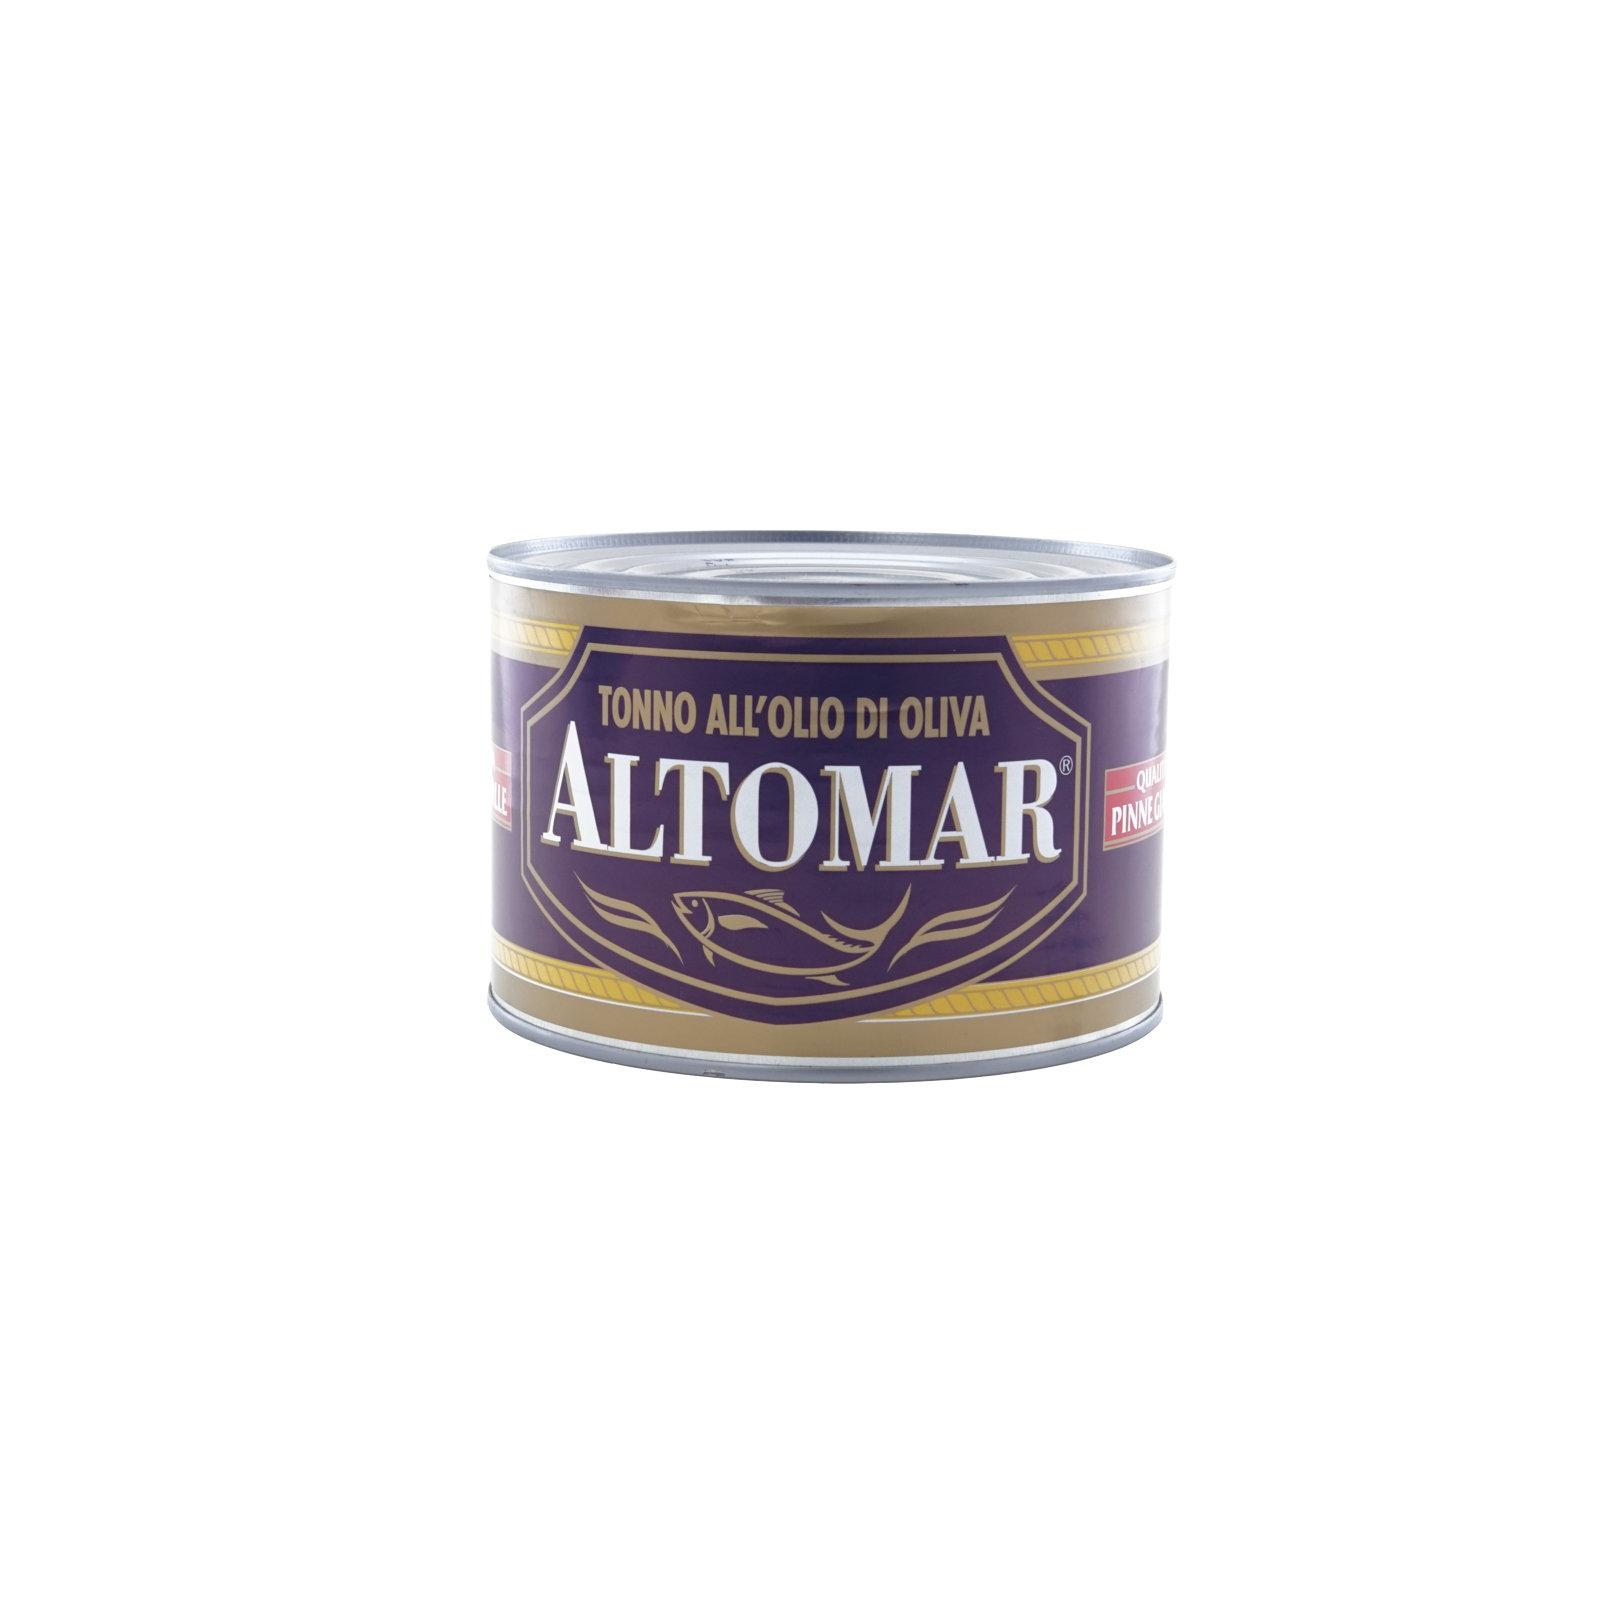 ALTOMAR – TONNO PI .GIALLA ALL'OLIO DI OLIVA KG 1,730